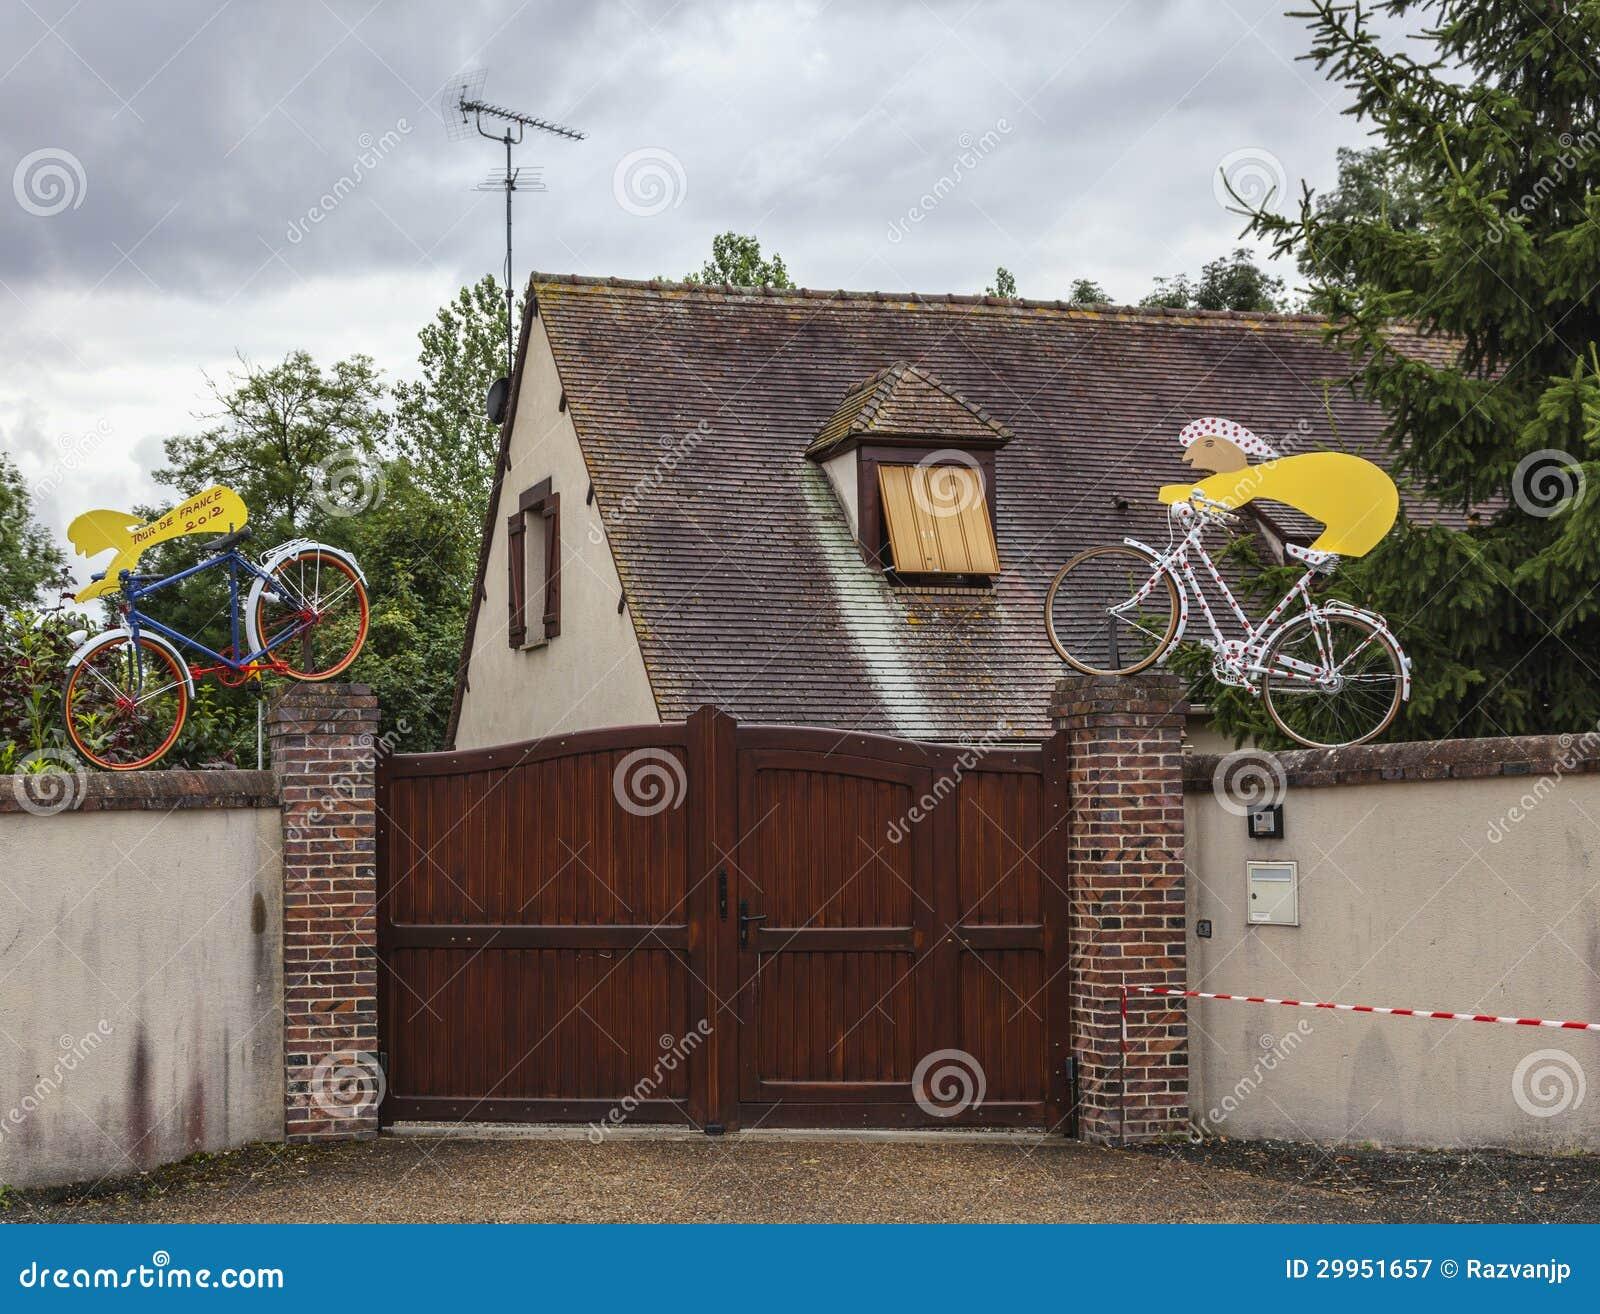 Mascottes tijdens Le Tour DE Frankrijk